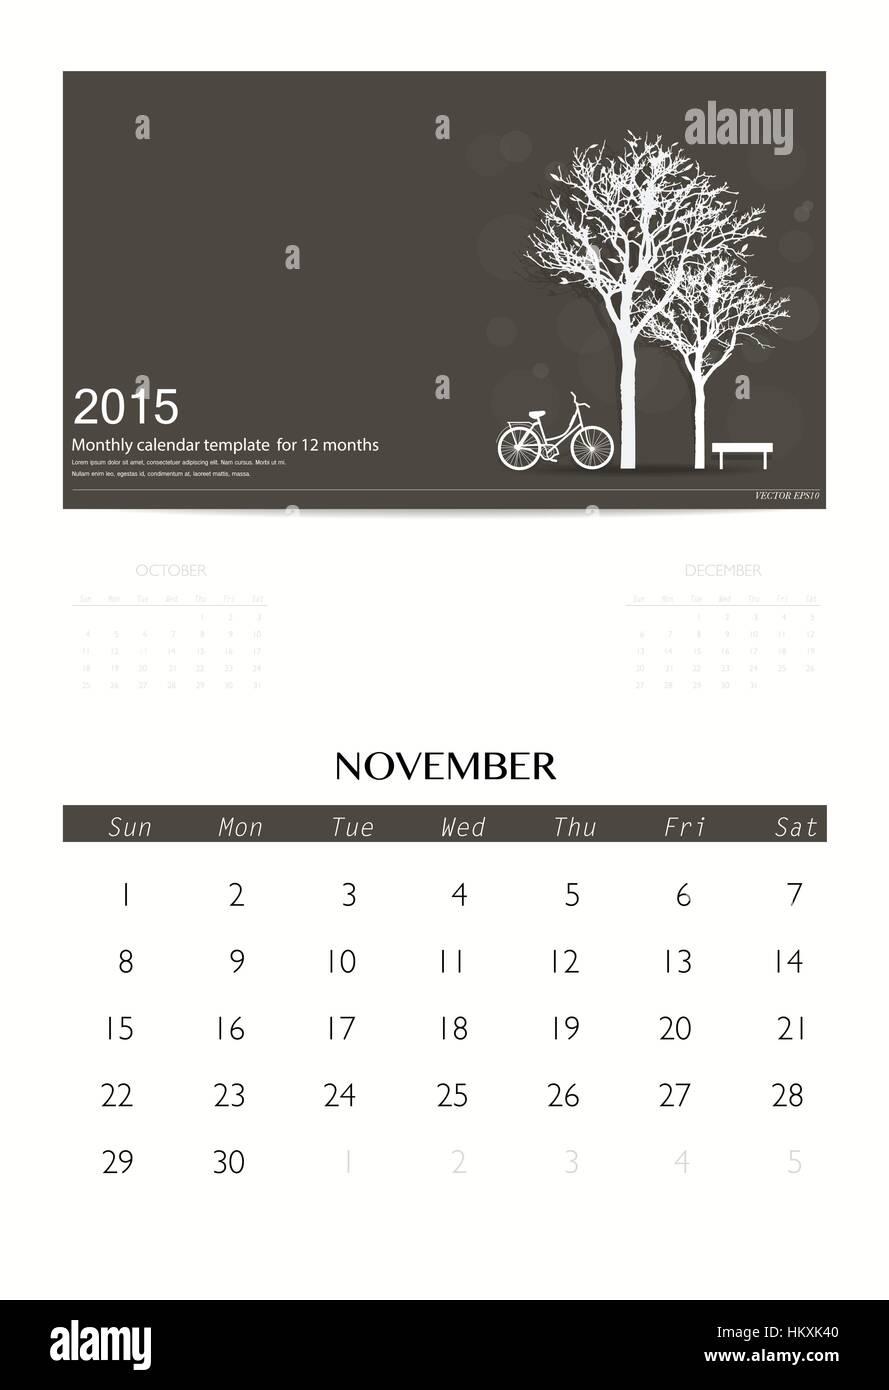 month calendar template 2015